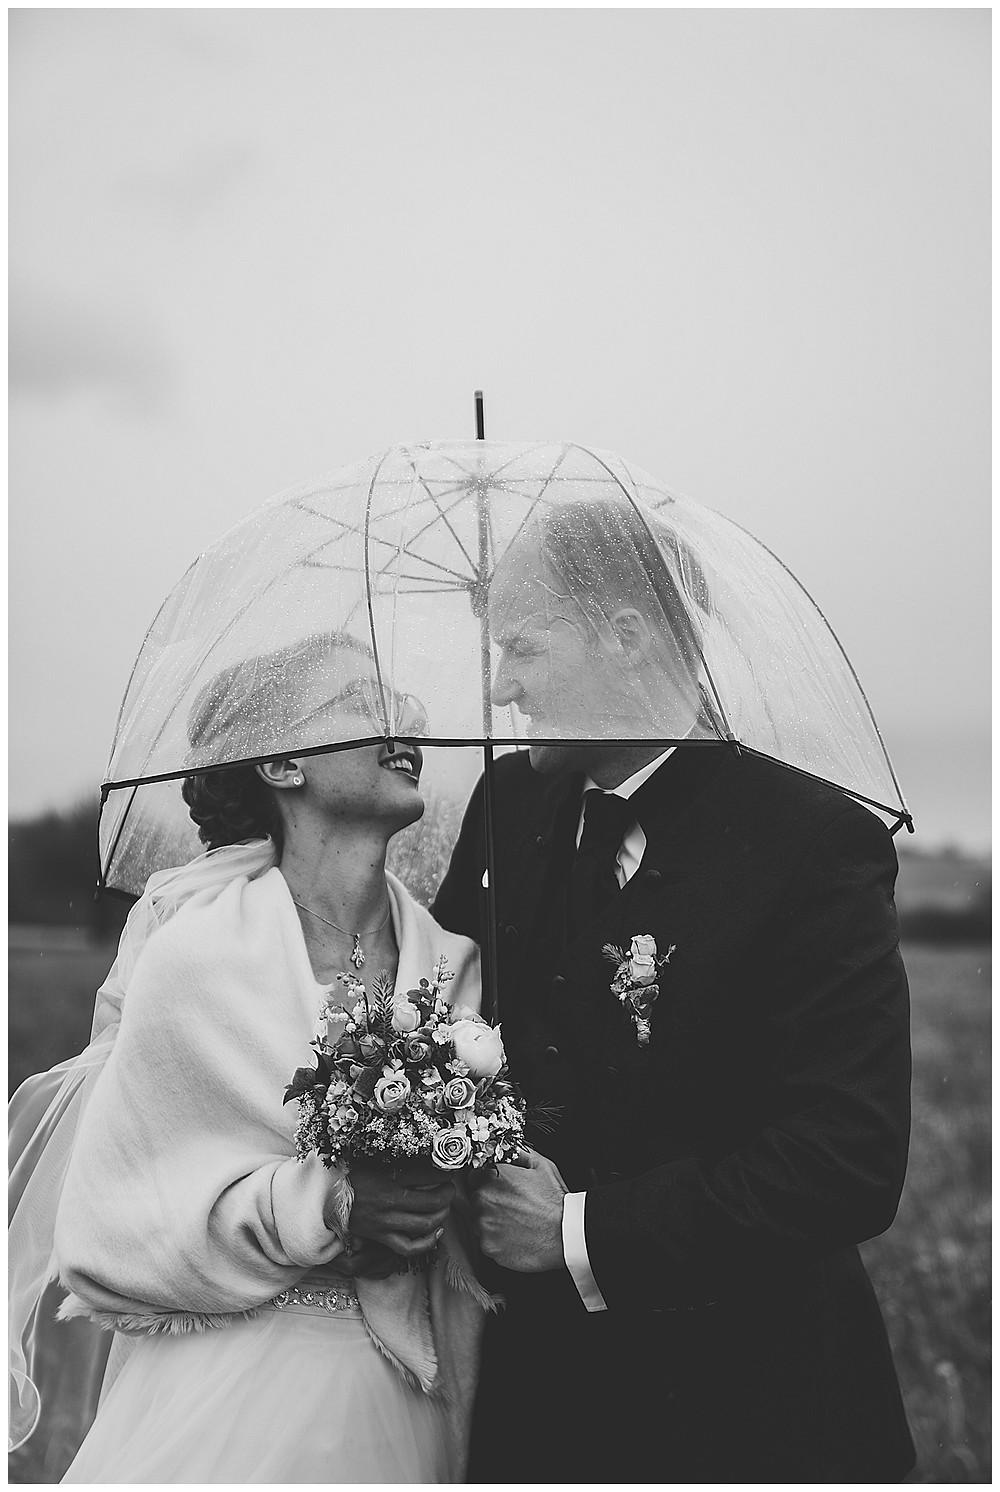 heiraten im regen Sinneszauber Photographie